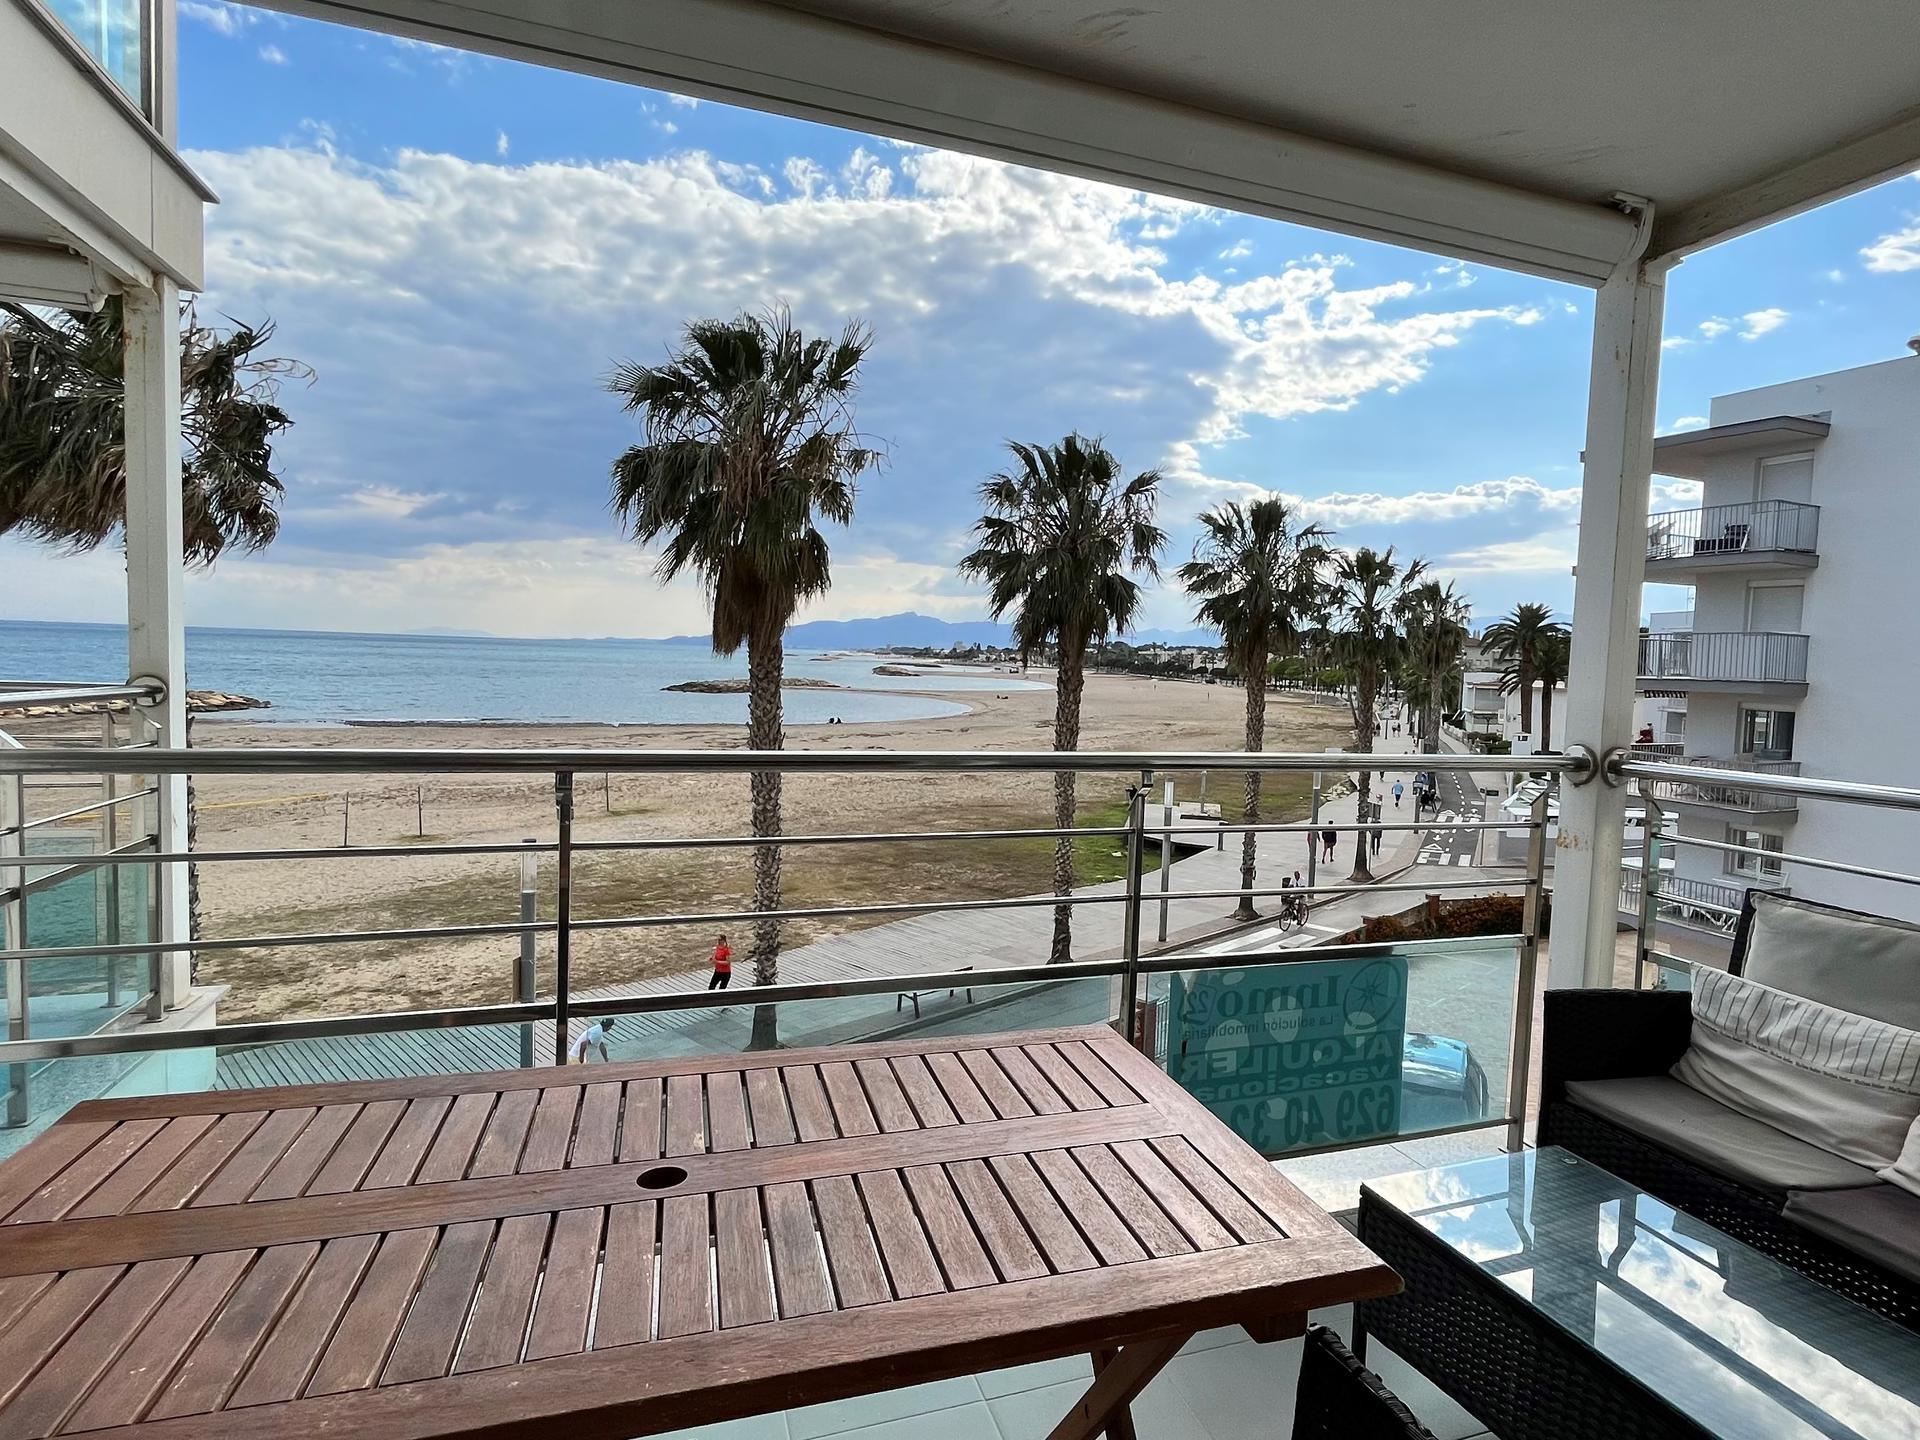 Apartament -                                       Cambrils -                                       1 dormitoris -                                       4 ocupants